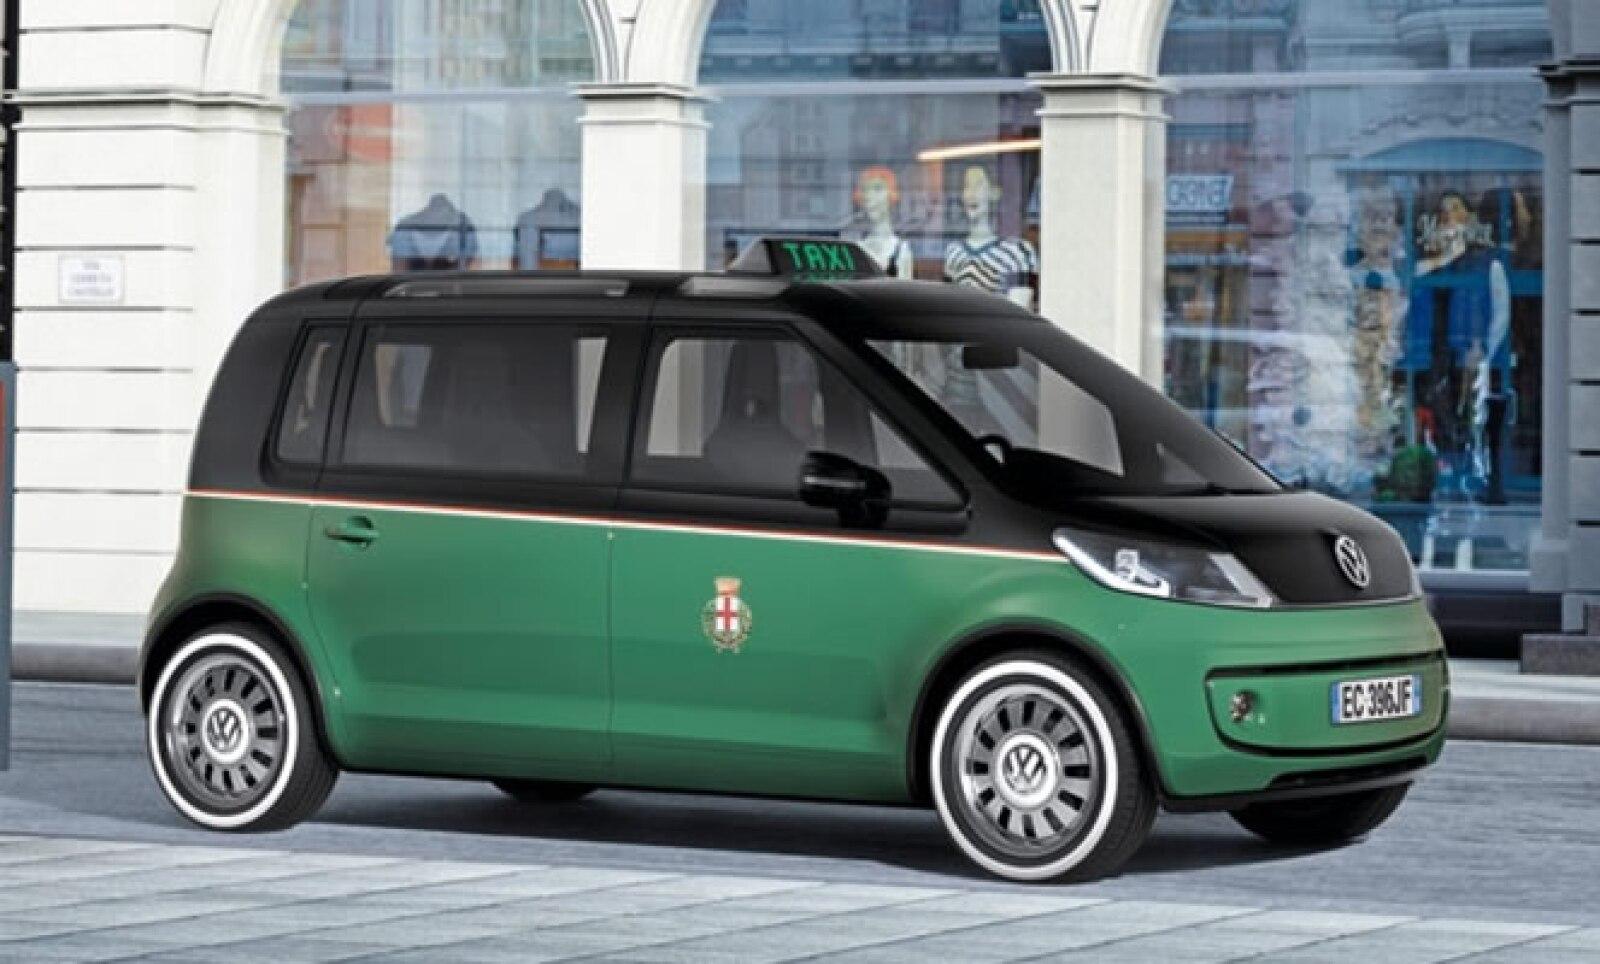 Adaptado a las necesidades de los taxistas y sus pasajeros, tiene innovaciones como una puerta giratoria y pantallas táctiles personalizables. Es impulsado por un motor eléctrico con una potencia máxima de 85 kW (constante de 50 kW) y se suministra de ene